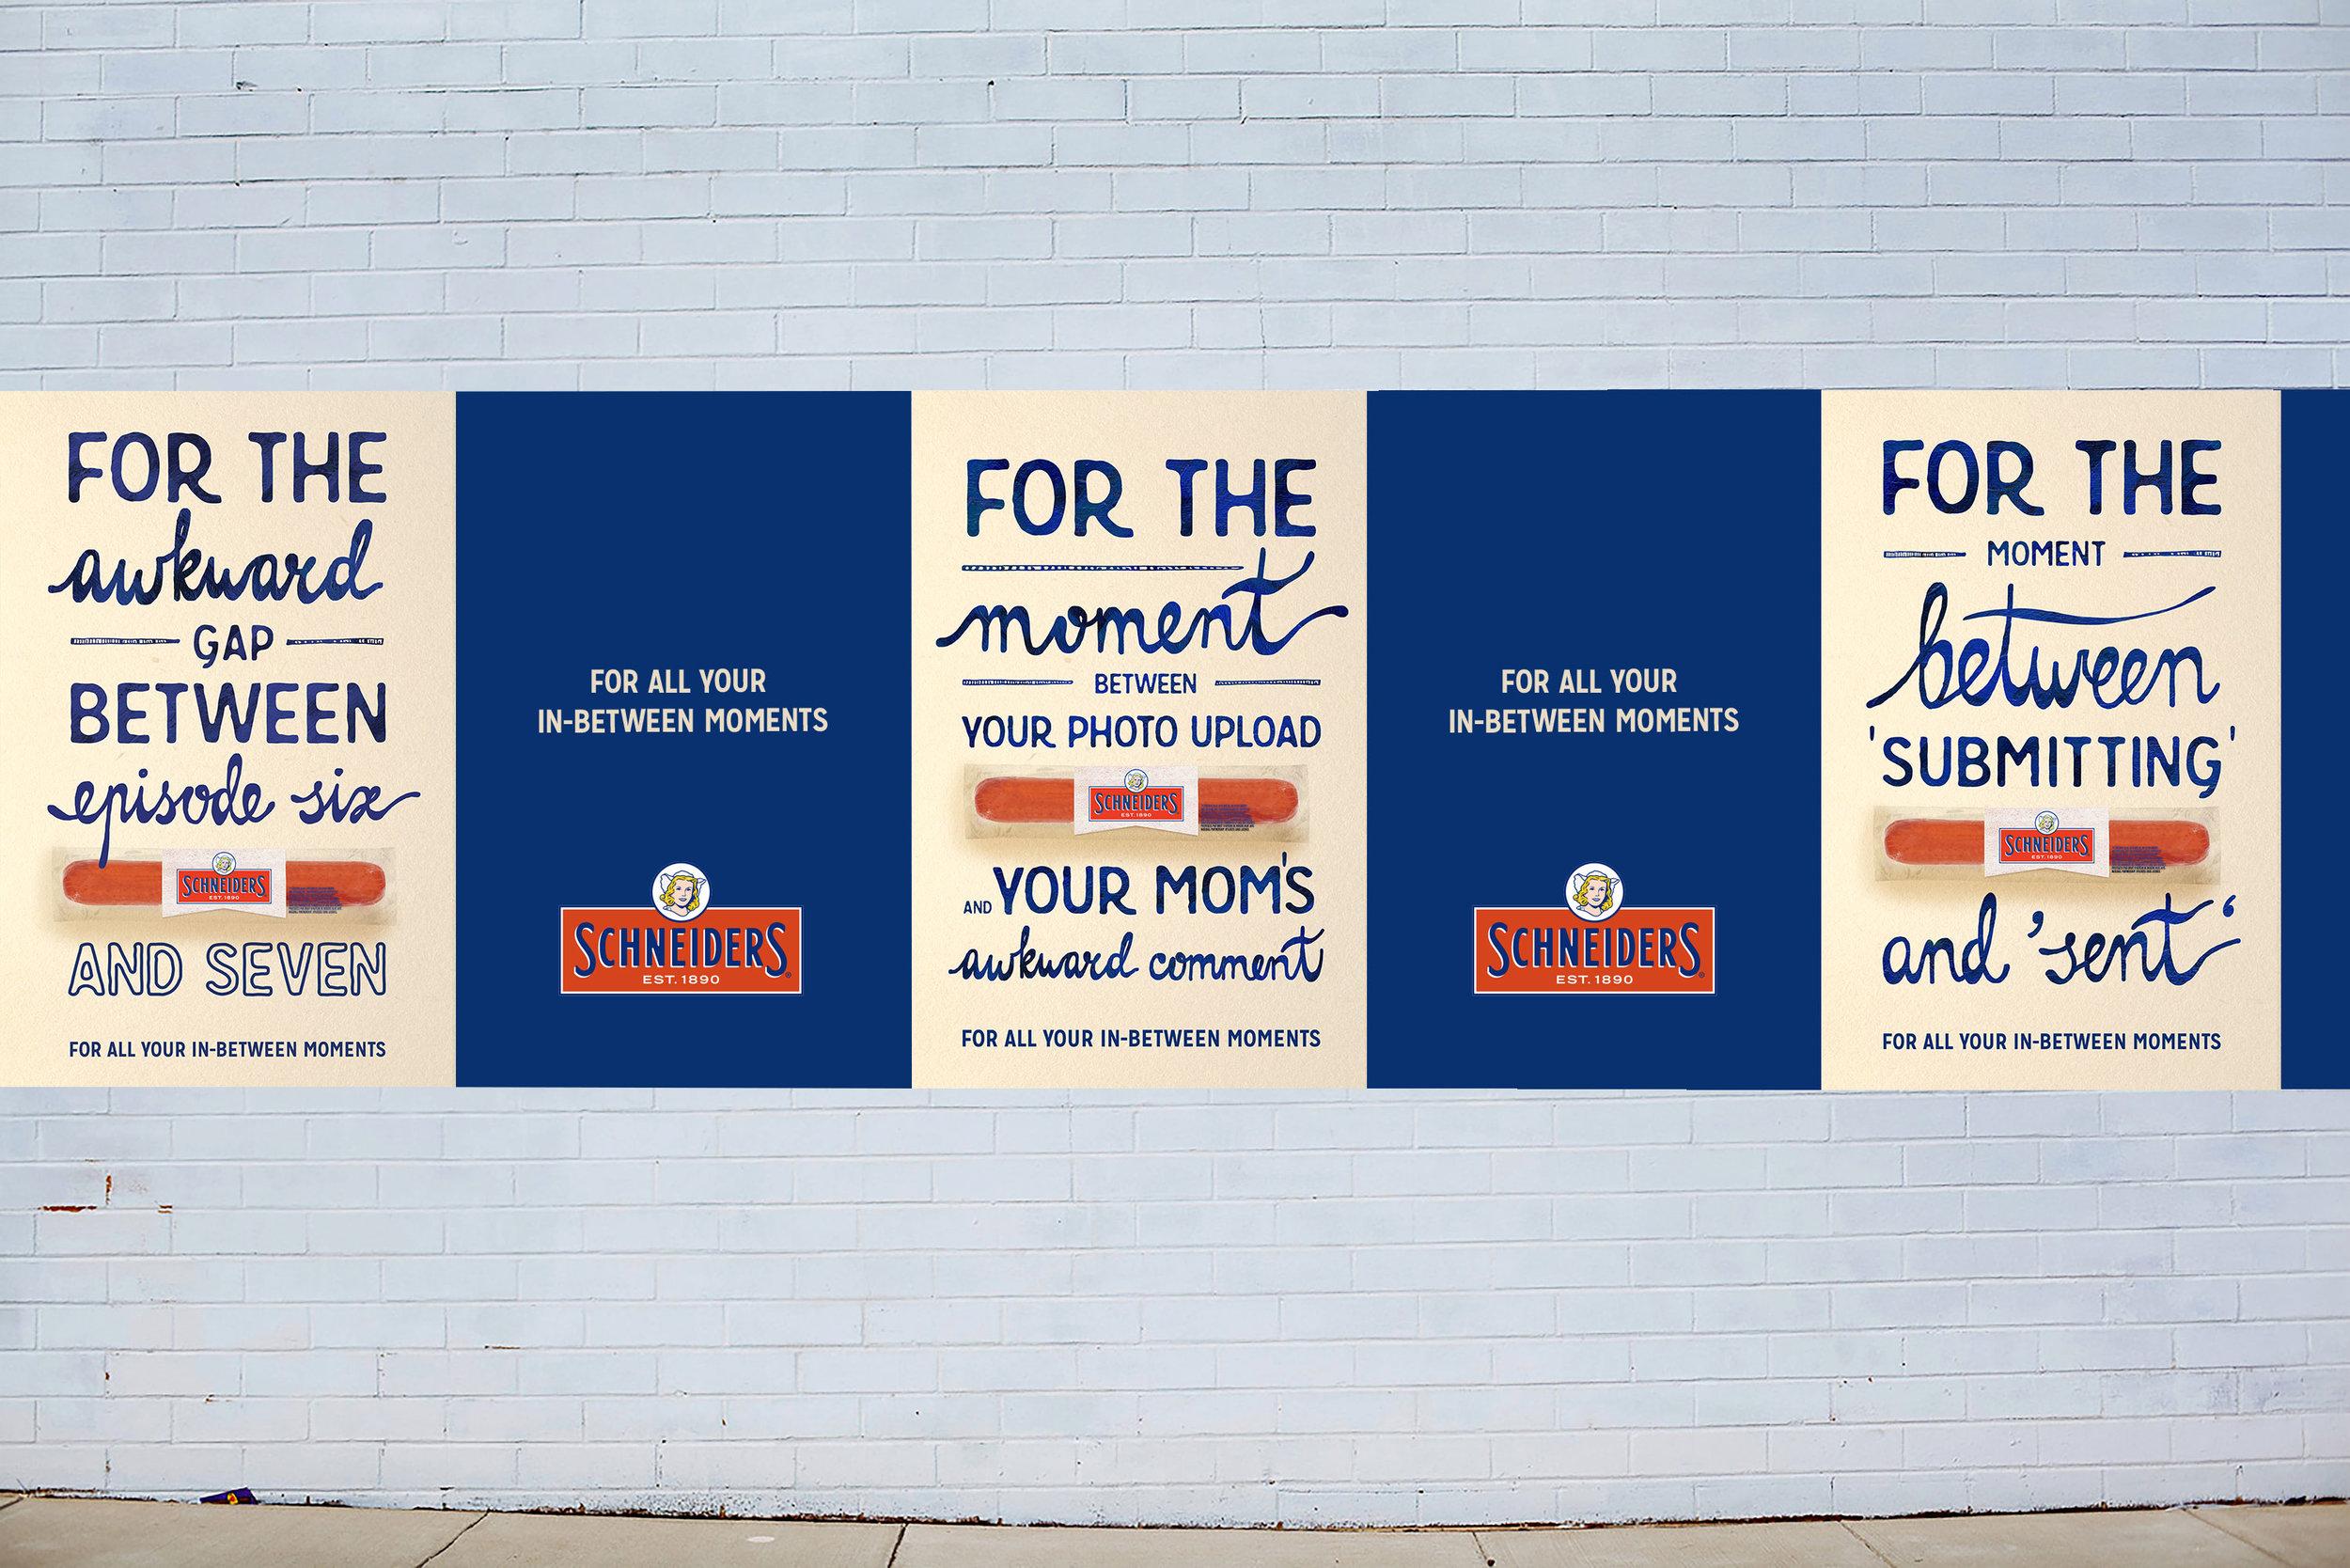 57c77155e04c0ebc5e240cd4_Sheldon-for-DC-Wheatpaste-Posters-Mockup.jpg